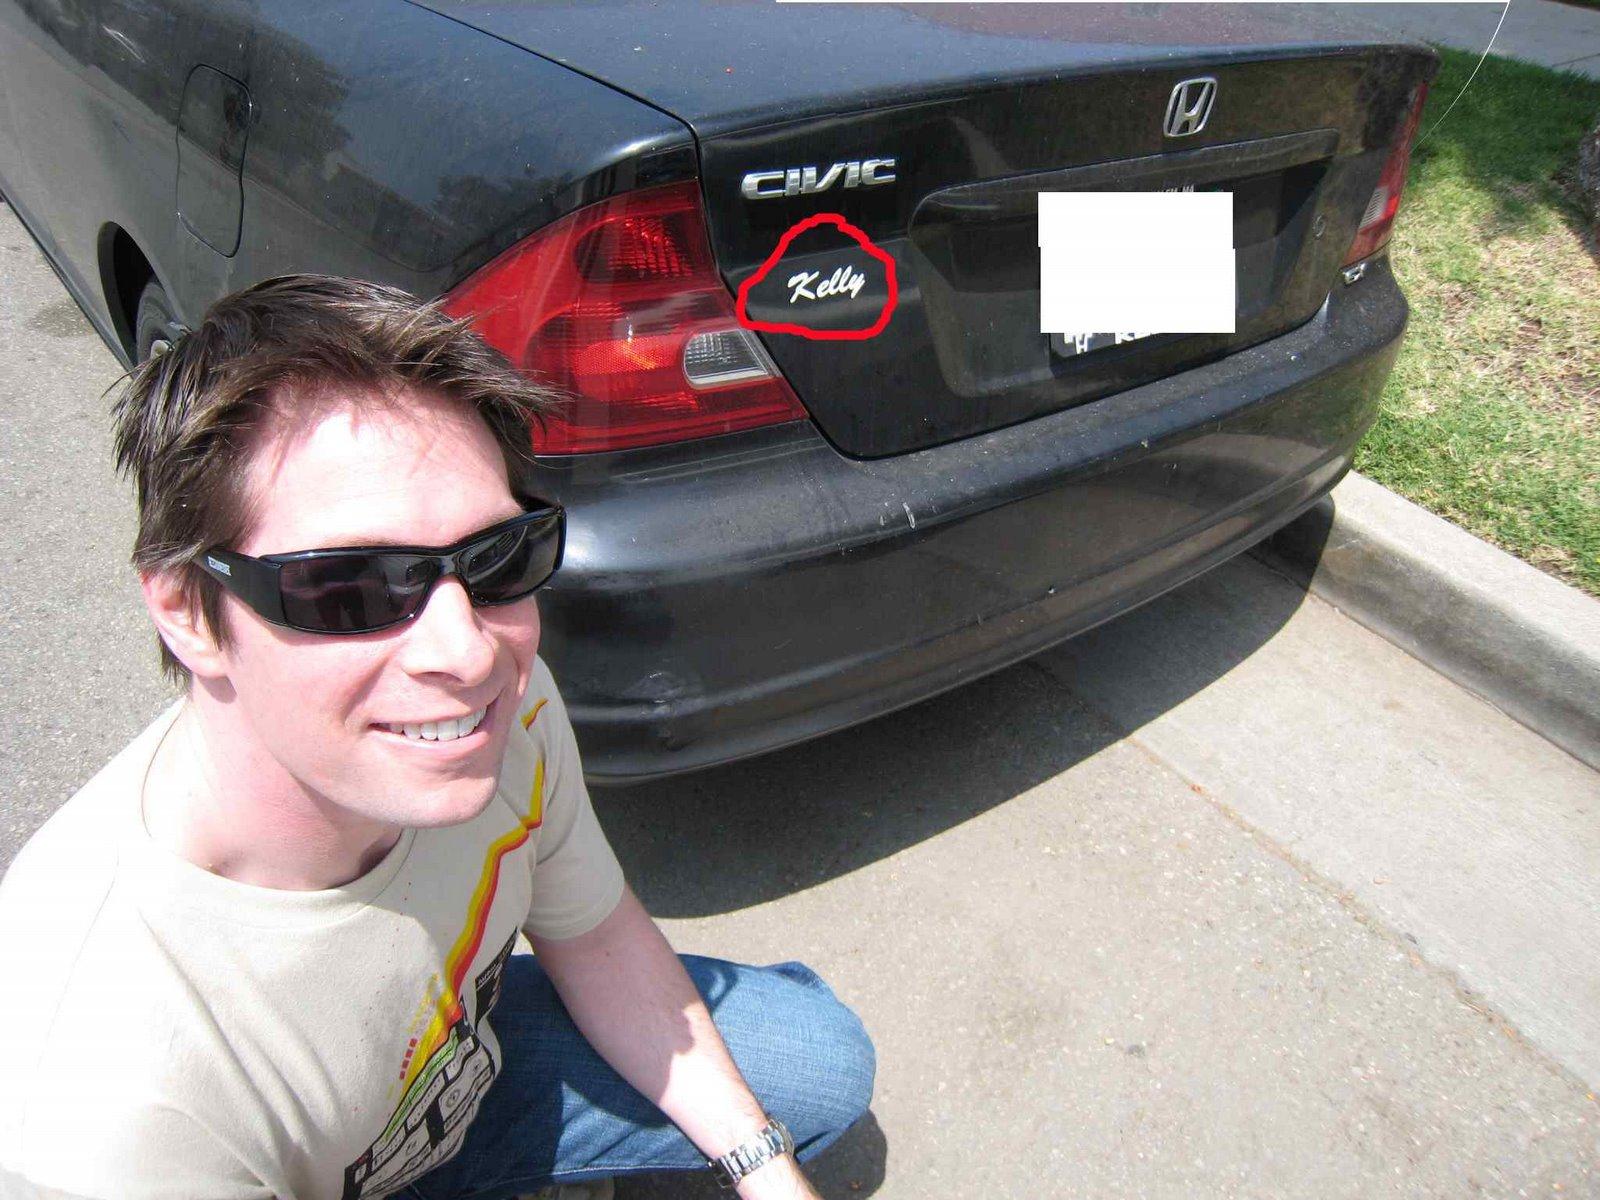 [Kelly+with+car.jpg]